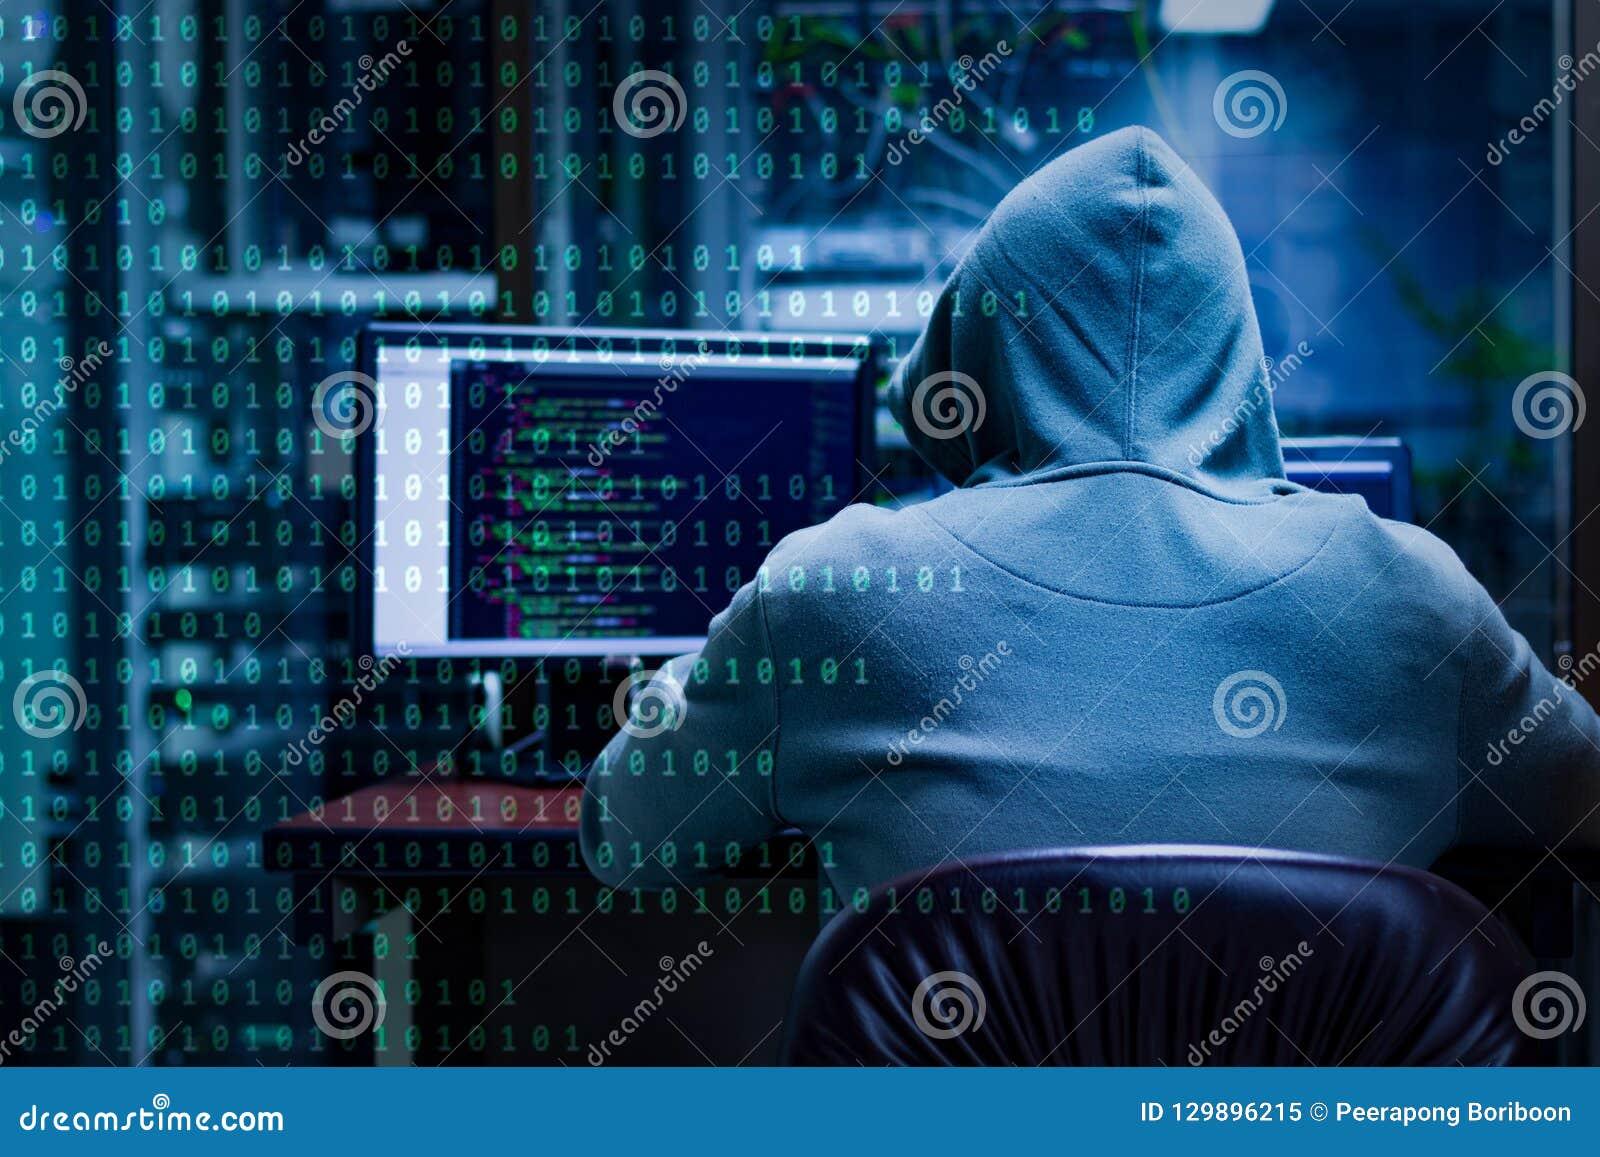 Нул одного кодирвоания хакера